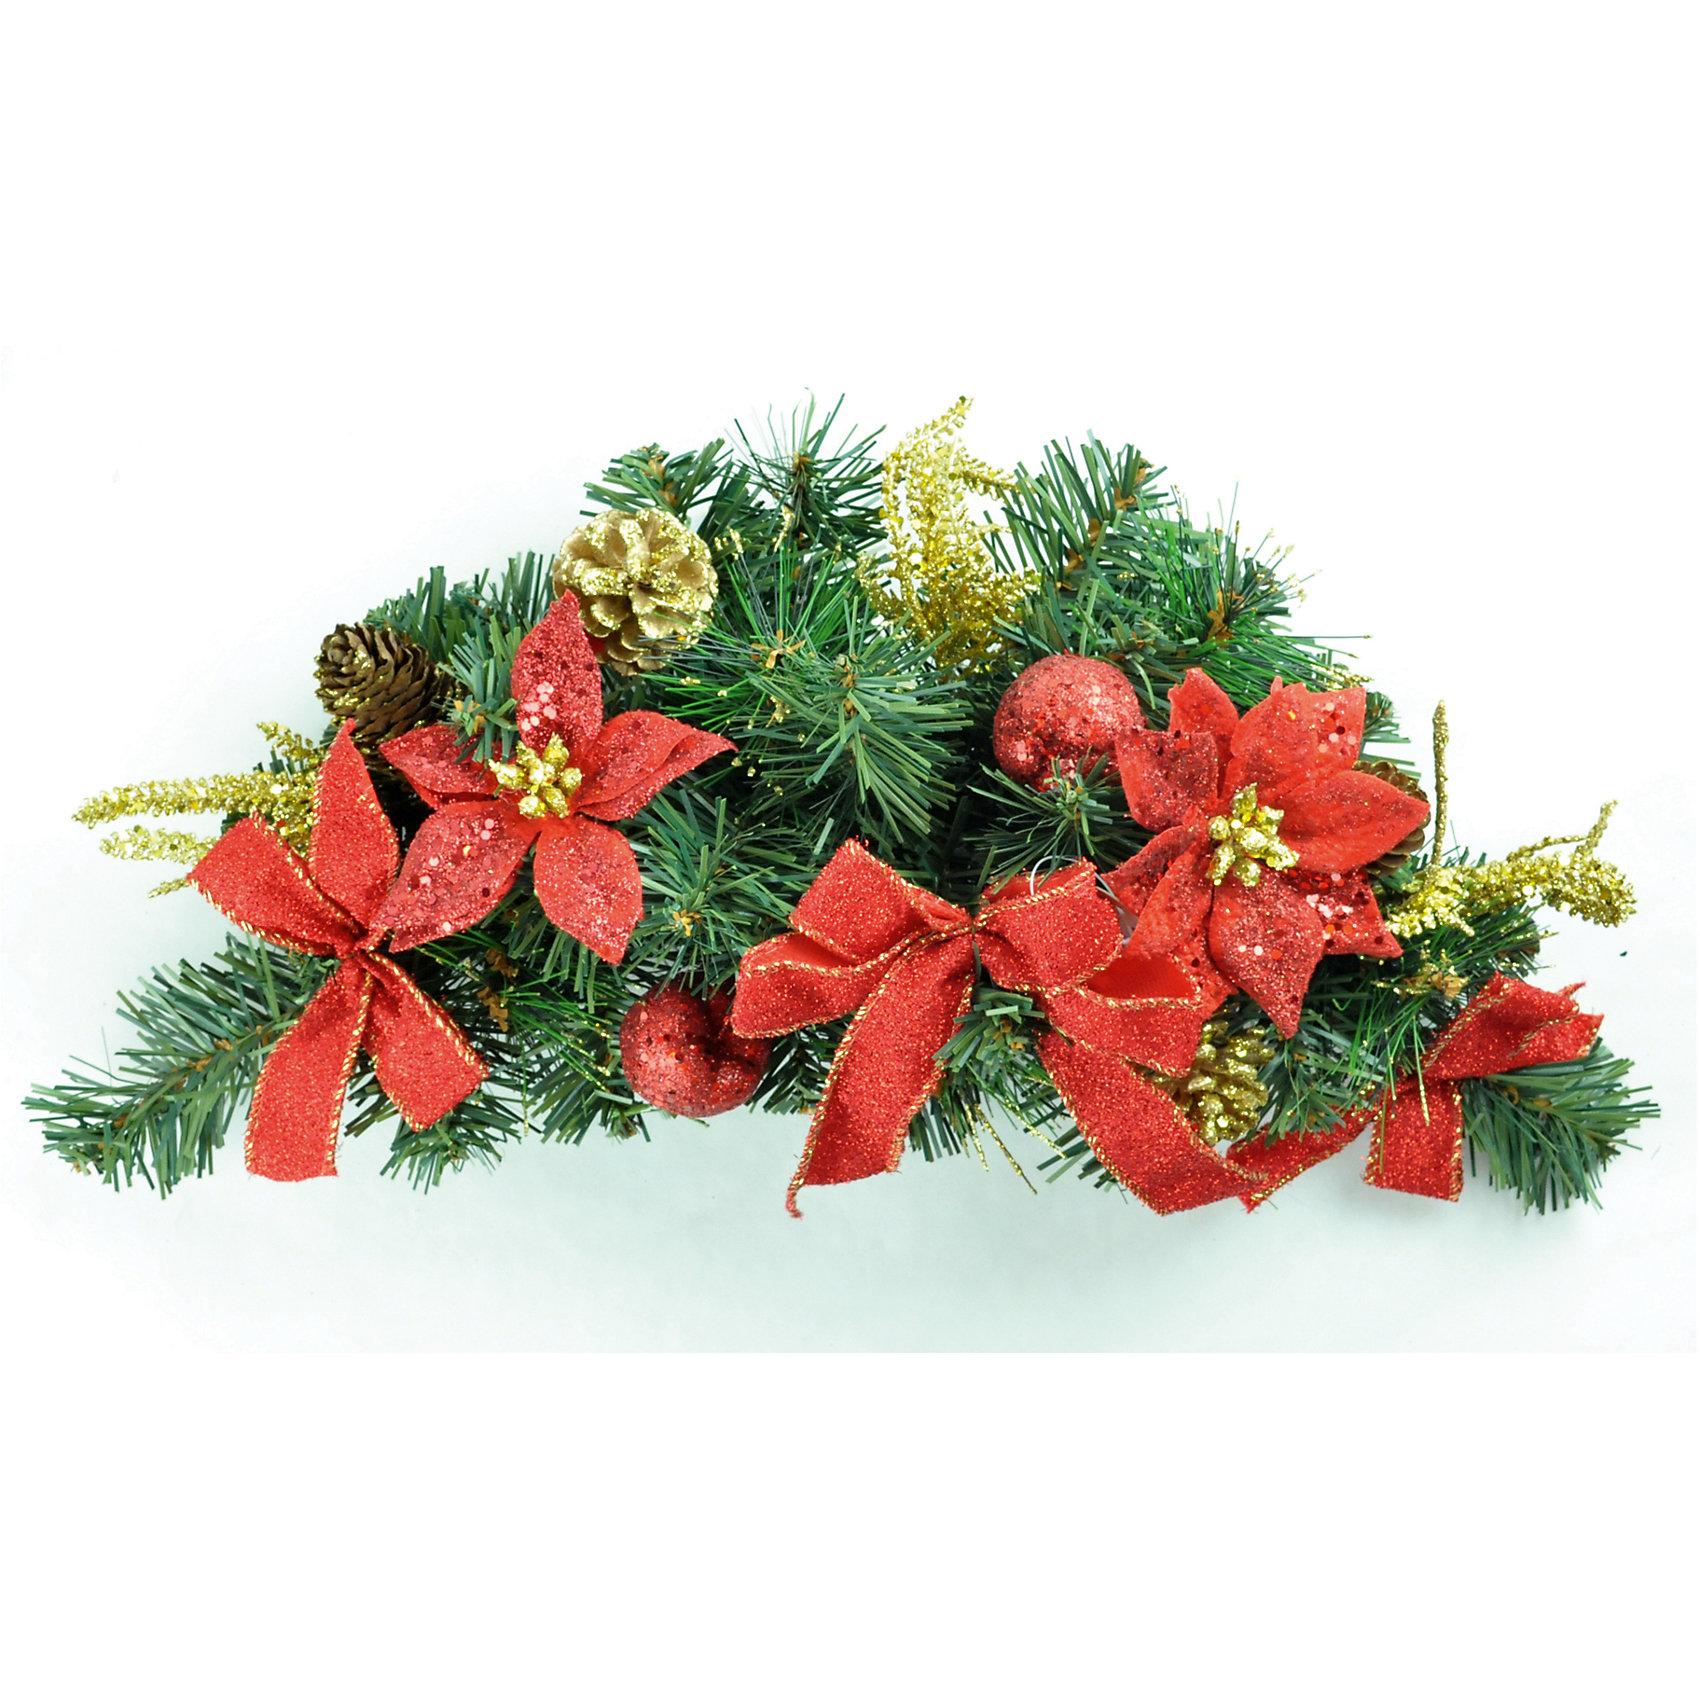 Хвойная гирлянда с красным декором, 45 смХвойная гирлянда с декором, Волшебная страна, станет замечательным украшением Вашего интерьера и поможет создать волшебную атмосферу новогодних праздников. Нарядная, искусно выполненная гирлянда в виде еловых веток украшена красными цветами, бантиками и шариками, она будет чудесно смотреться в Вашей комнате или детской и радовать детей и взрослых. <br><br>Дополнительная информация:<br><br>- Цвет украшений: красные.<br>- Длины гирлянды: 45 см.<br>- Размеры: 47 х 16 х 12 см.<br>- Вес: 0,204 кг. <br><br>Хвойную гирлянду с красным декором, Волшебная страна, можно купить в нашем интернет-магазине.<br><br>Ширина мм: 470<br>Глубина мм: 160<br>Высота мм: 120<br>Вес г: 204<br>Возраст от месяцев: 36<br>Возраст до месяцев: 2147483647<br>Пол: Унисекс<br>Возраст: Детский<br>SKU: 4288588